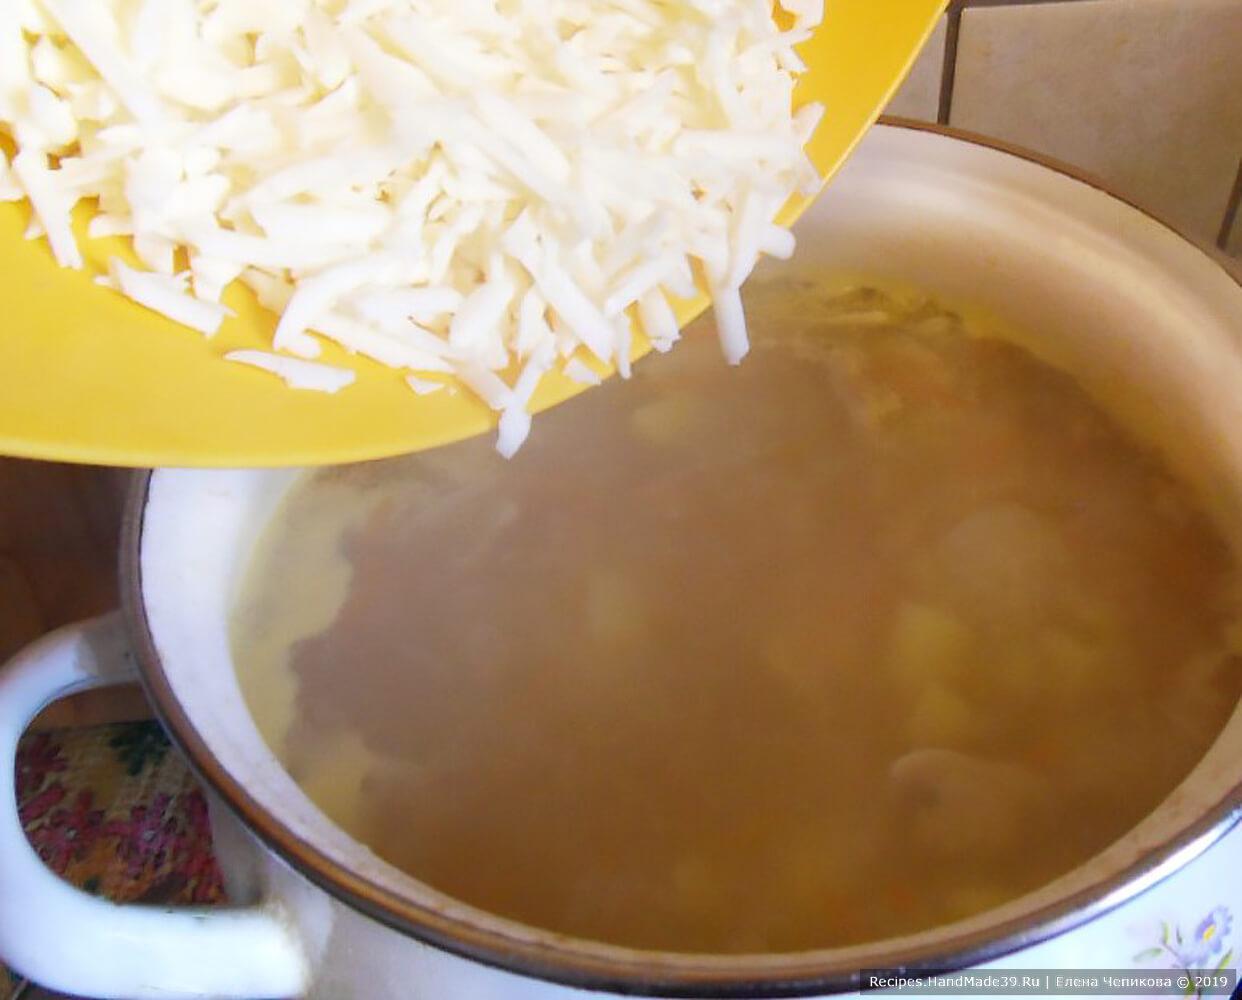 Плавленый сыр натереть на тёрке. Добавить в суп в конце приготовления и дождаться полного расплавления сыра при постоянном помешивании